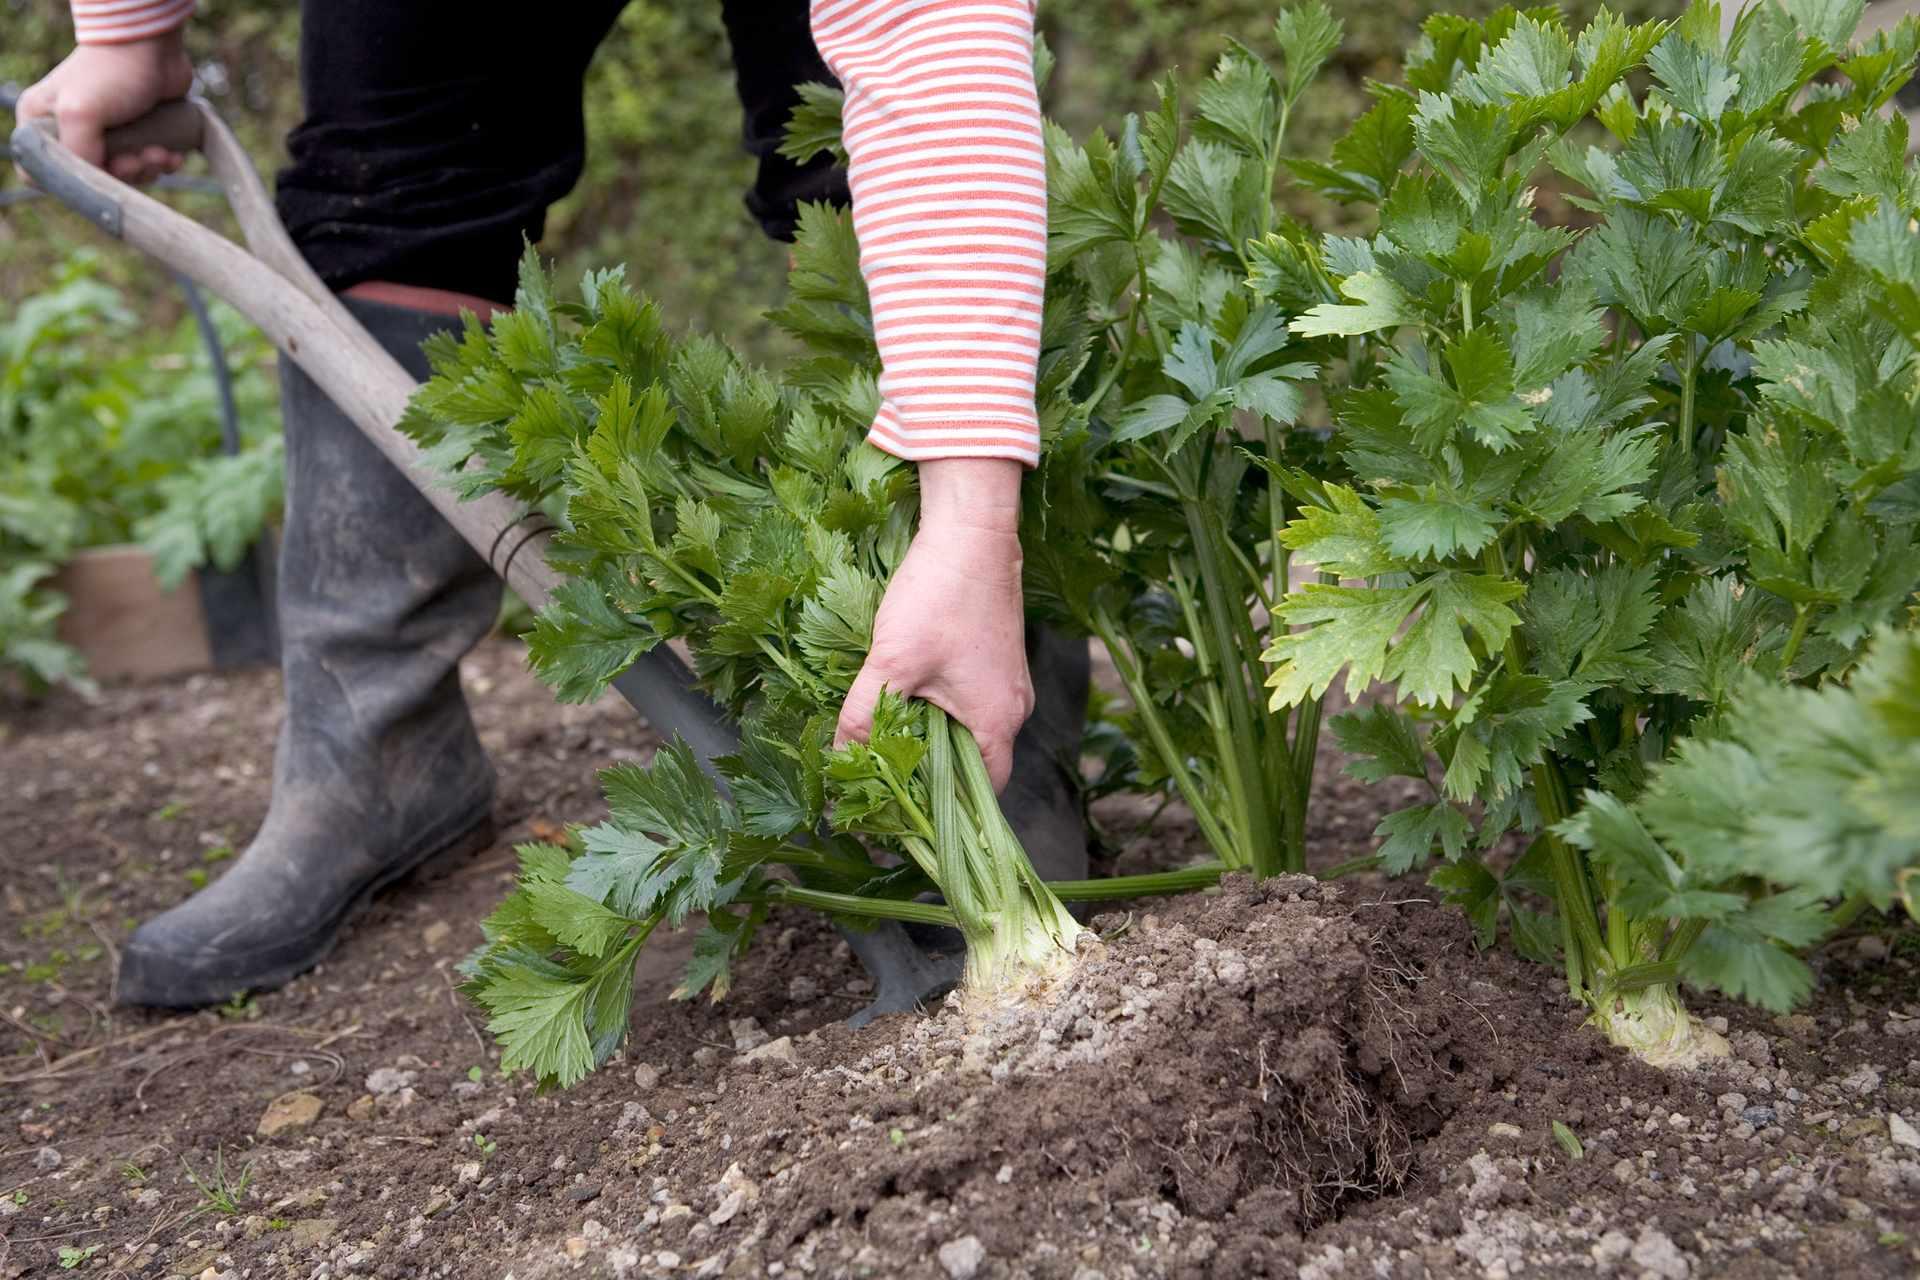 Можно ли выращивать сельдерей в домашних условиях?